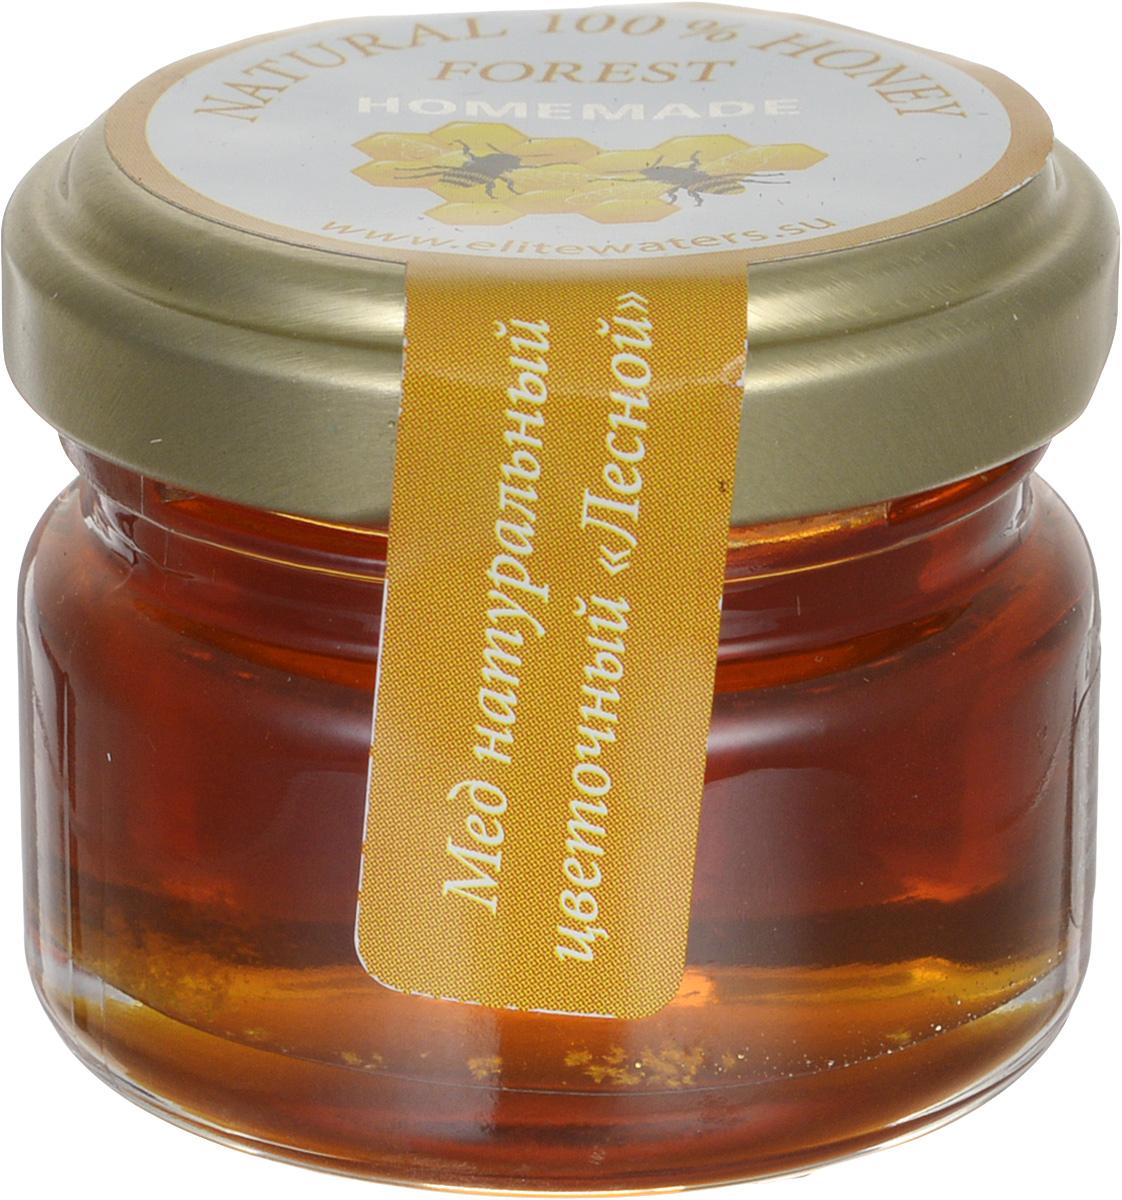 Царь Берендей мед цветочный Лесной, 30 г4680000204620Для получения цветочного лесного меда Царь Берендей используются только натуральные продукты без консервантов, красителей и ароматизаторов. При изготовлении продукта применяются современные технологии, позволяющие сохранить все полезные вещества и свойства. Готовый мед проходит строгий контроль качества в собственной лаборатории.Целебные сорта мёда. Статья OZON Гид